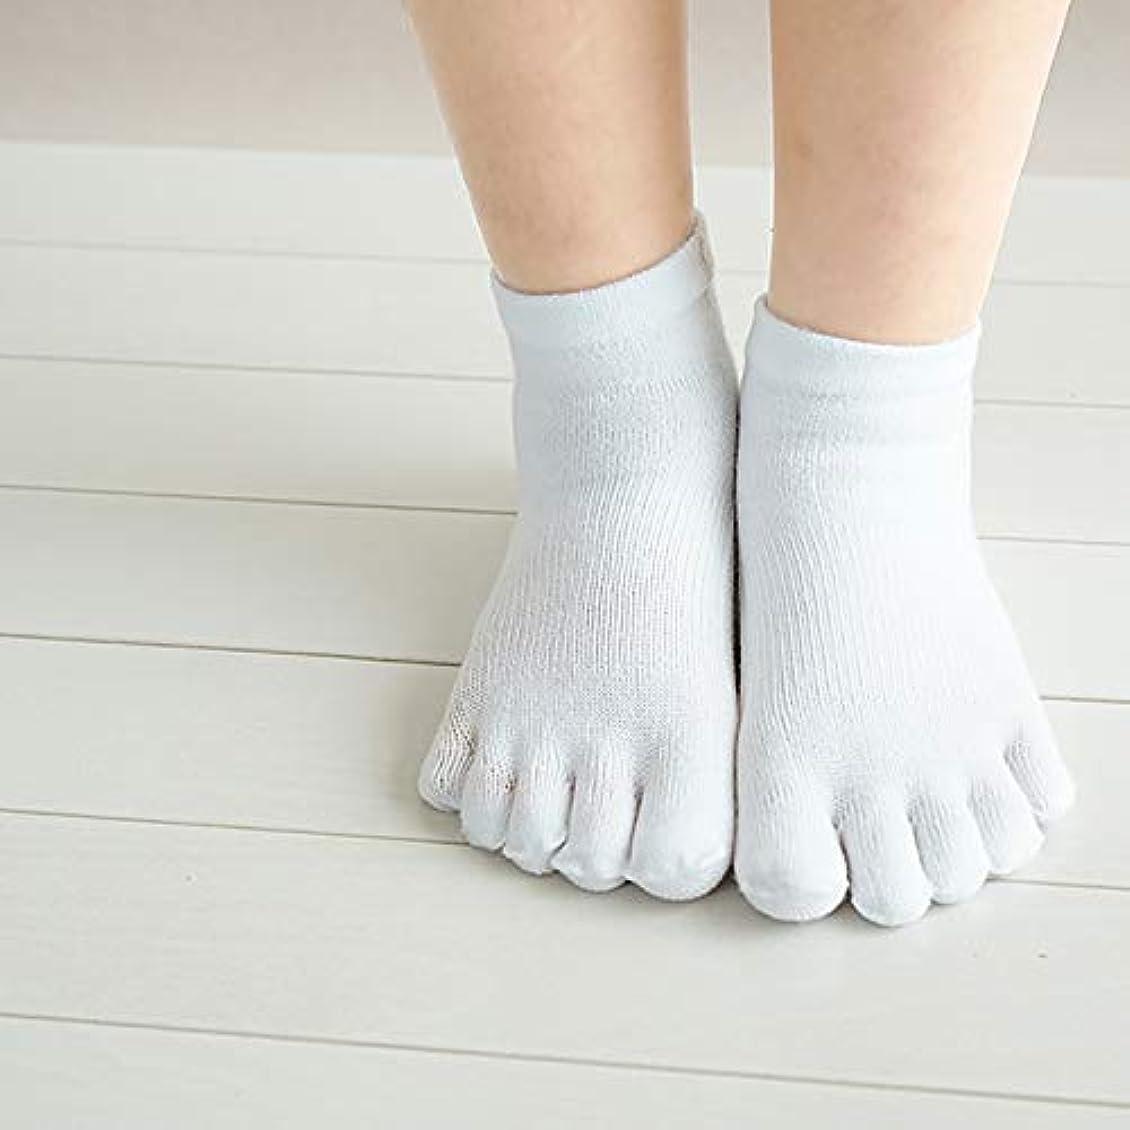 乳製品旅劇作家ゆびのばソックス Neo アズキッズ ホワイト 幼児用靴下 5本指ソックス